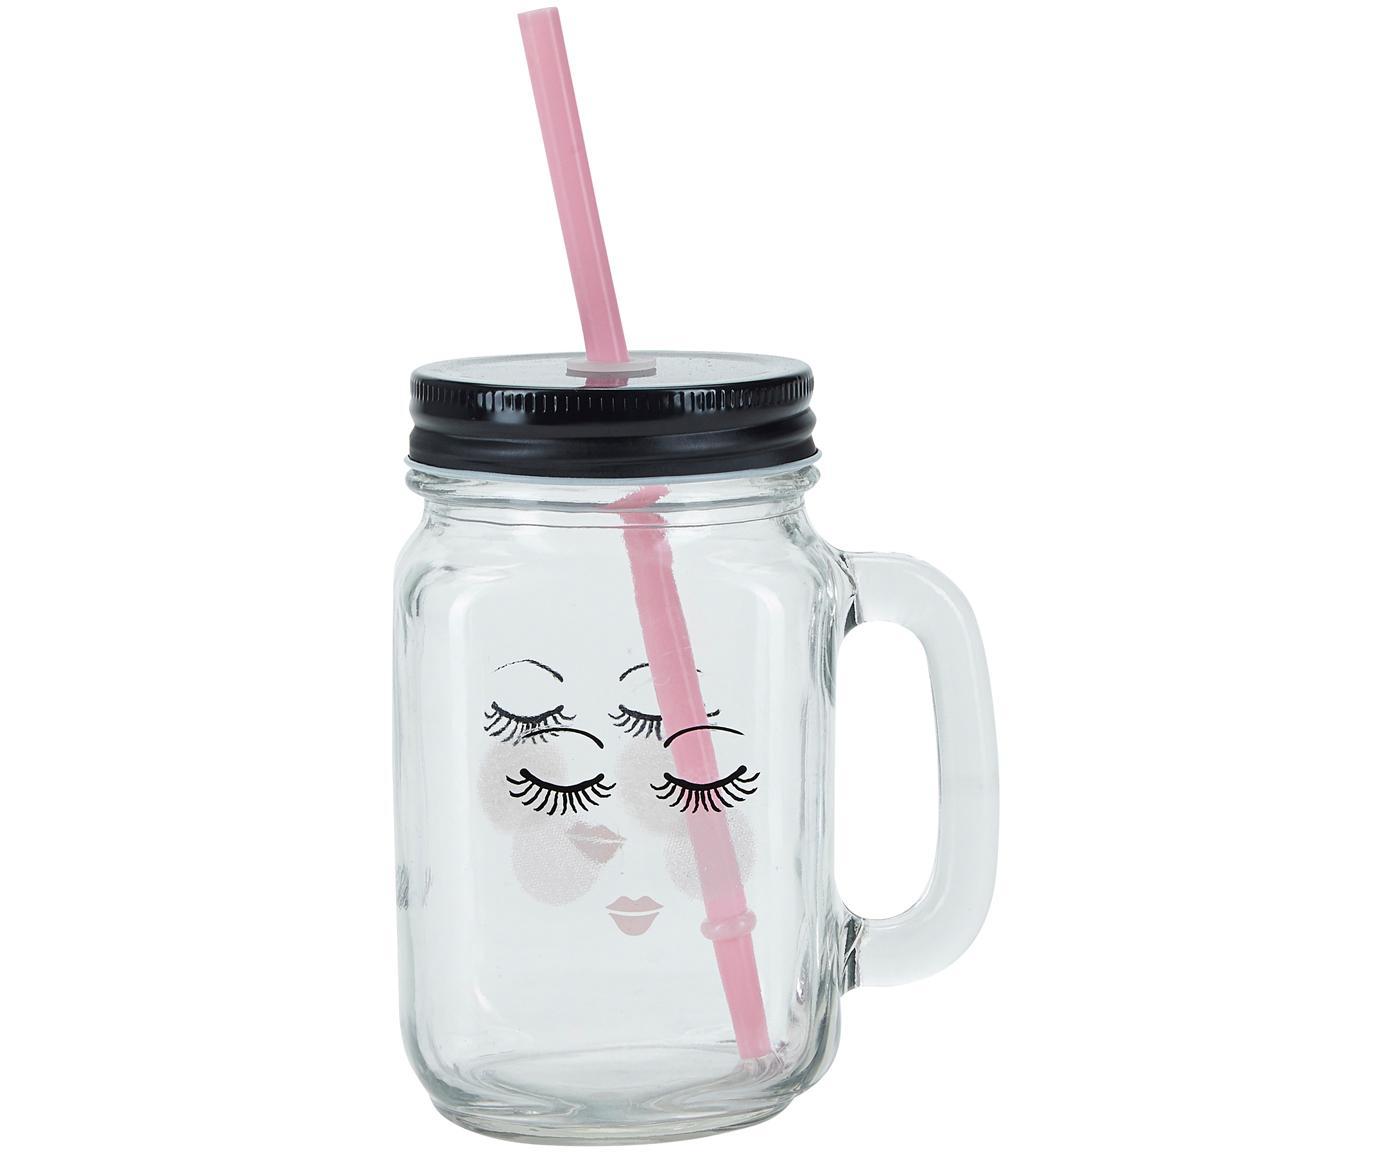 Drinkglas Closed Eyes, 2 stuks, Deksel: metaal, kunststof, Rietje: kunststof, Transparant, zwart, roze, Ø 7 x H 16 cm